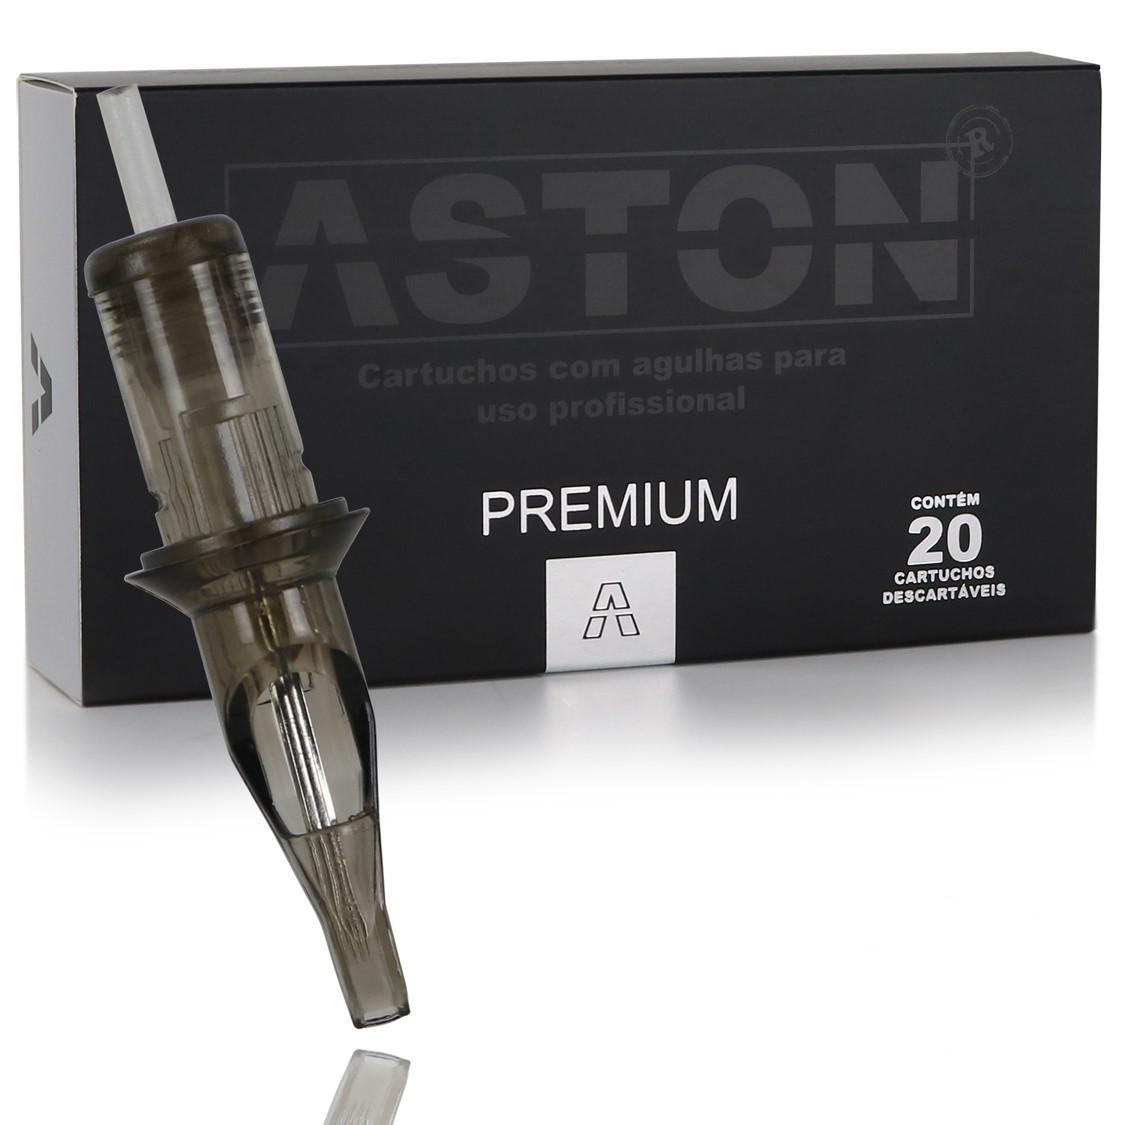 CAIXA CARTUCHO ASTON PREMIUM TRAÇO RL (20 UN) - 1003RL